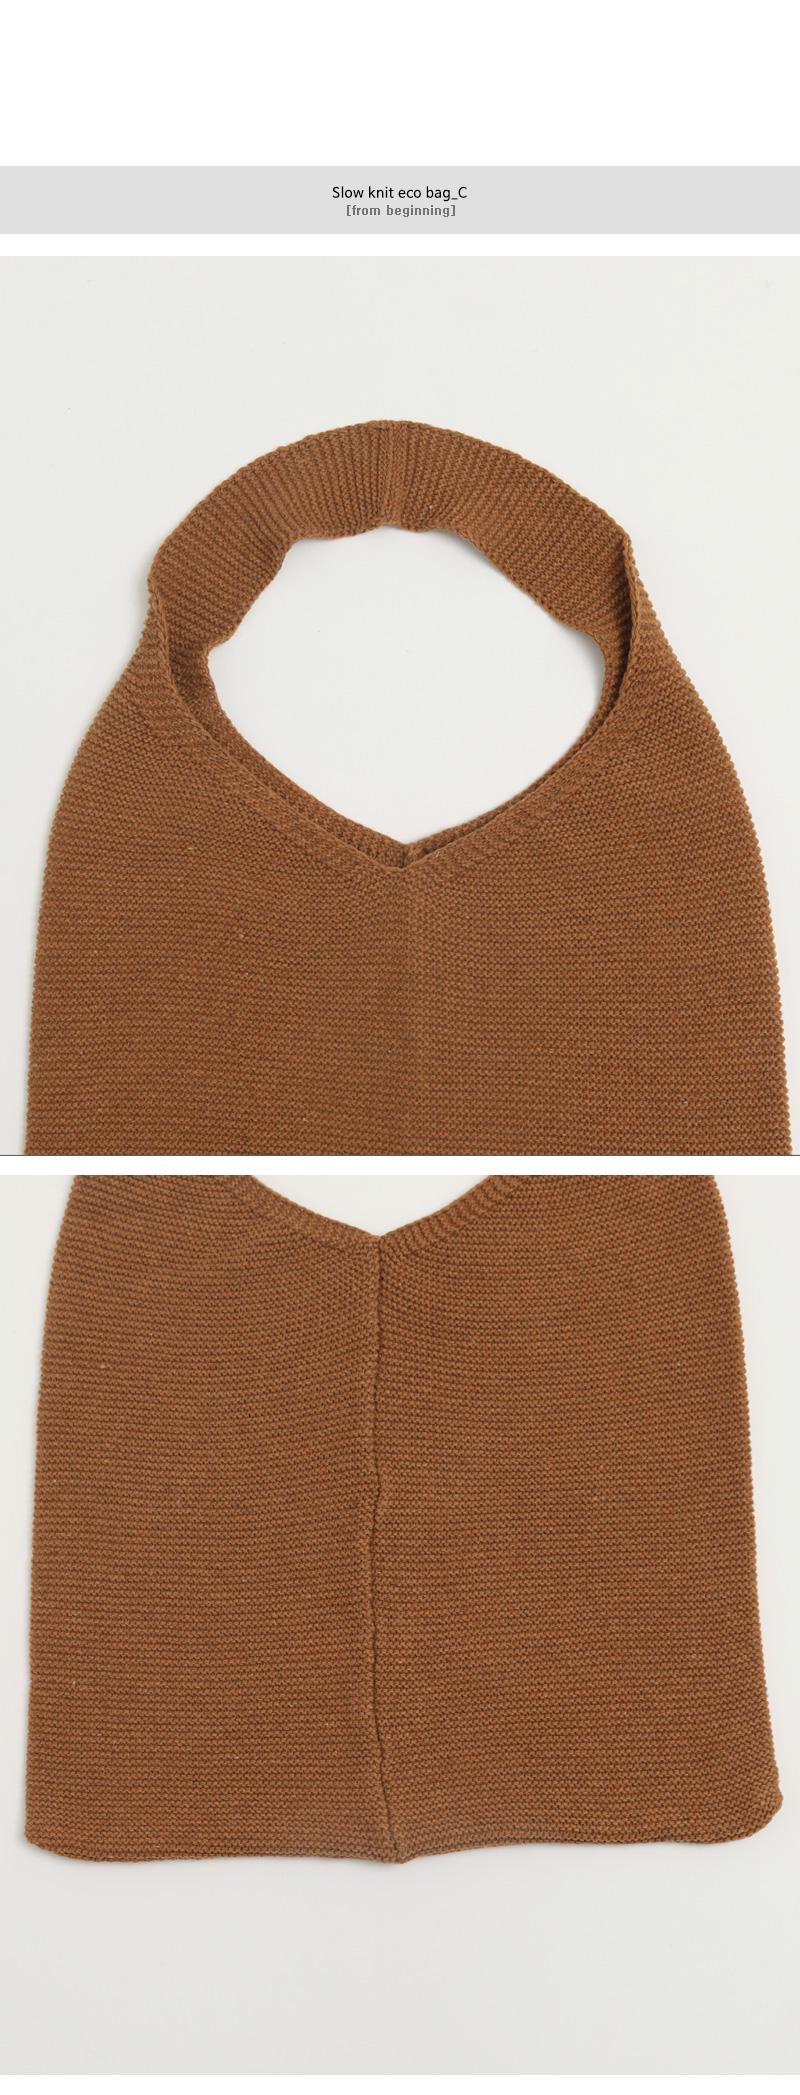 Slow knit eco bag_C